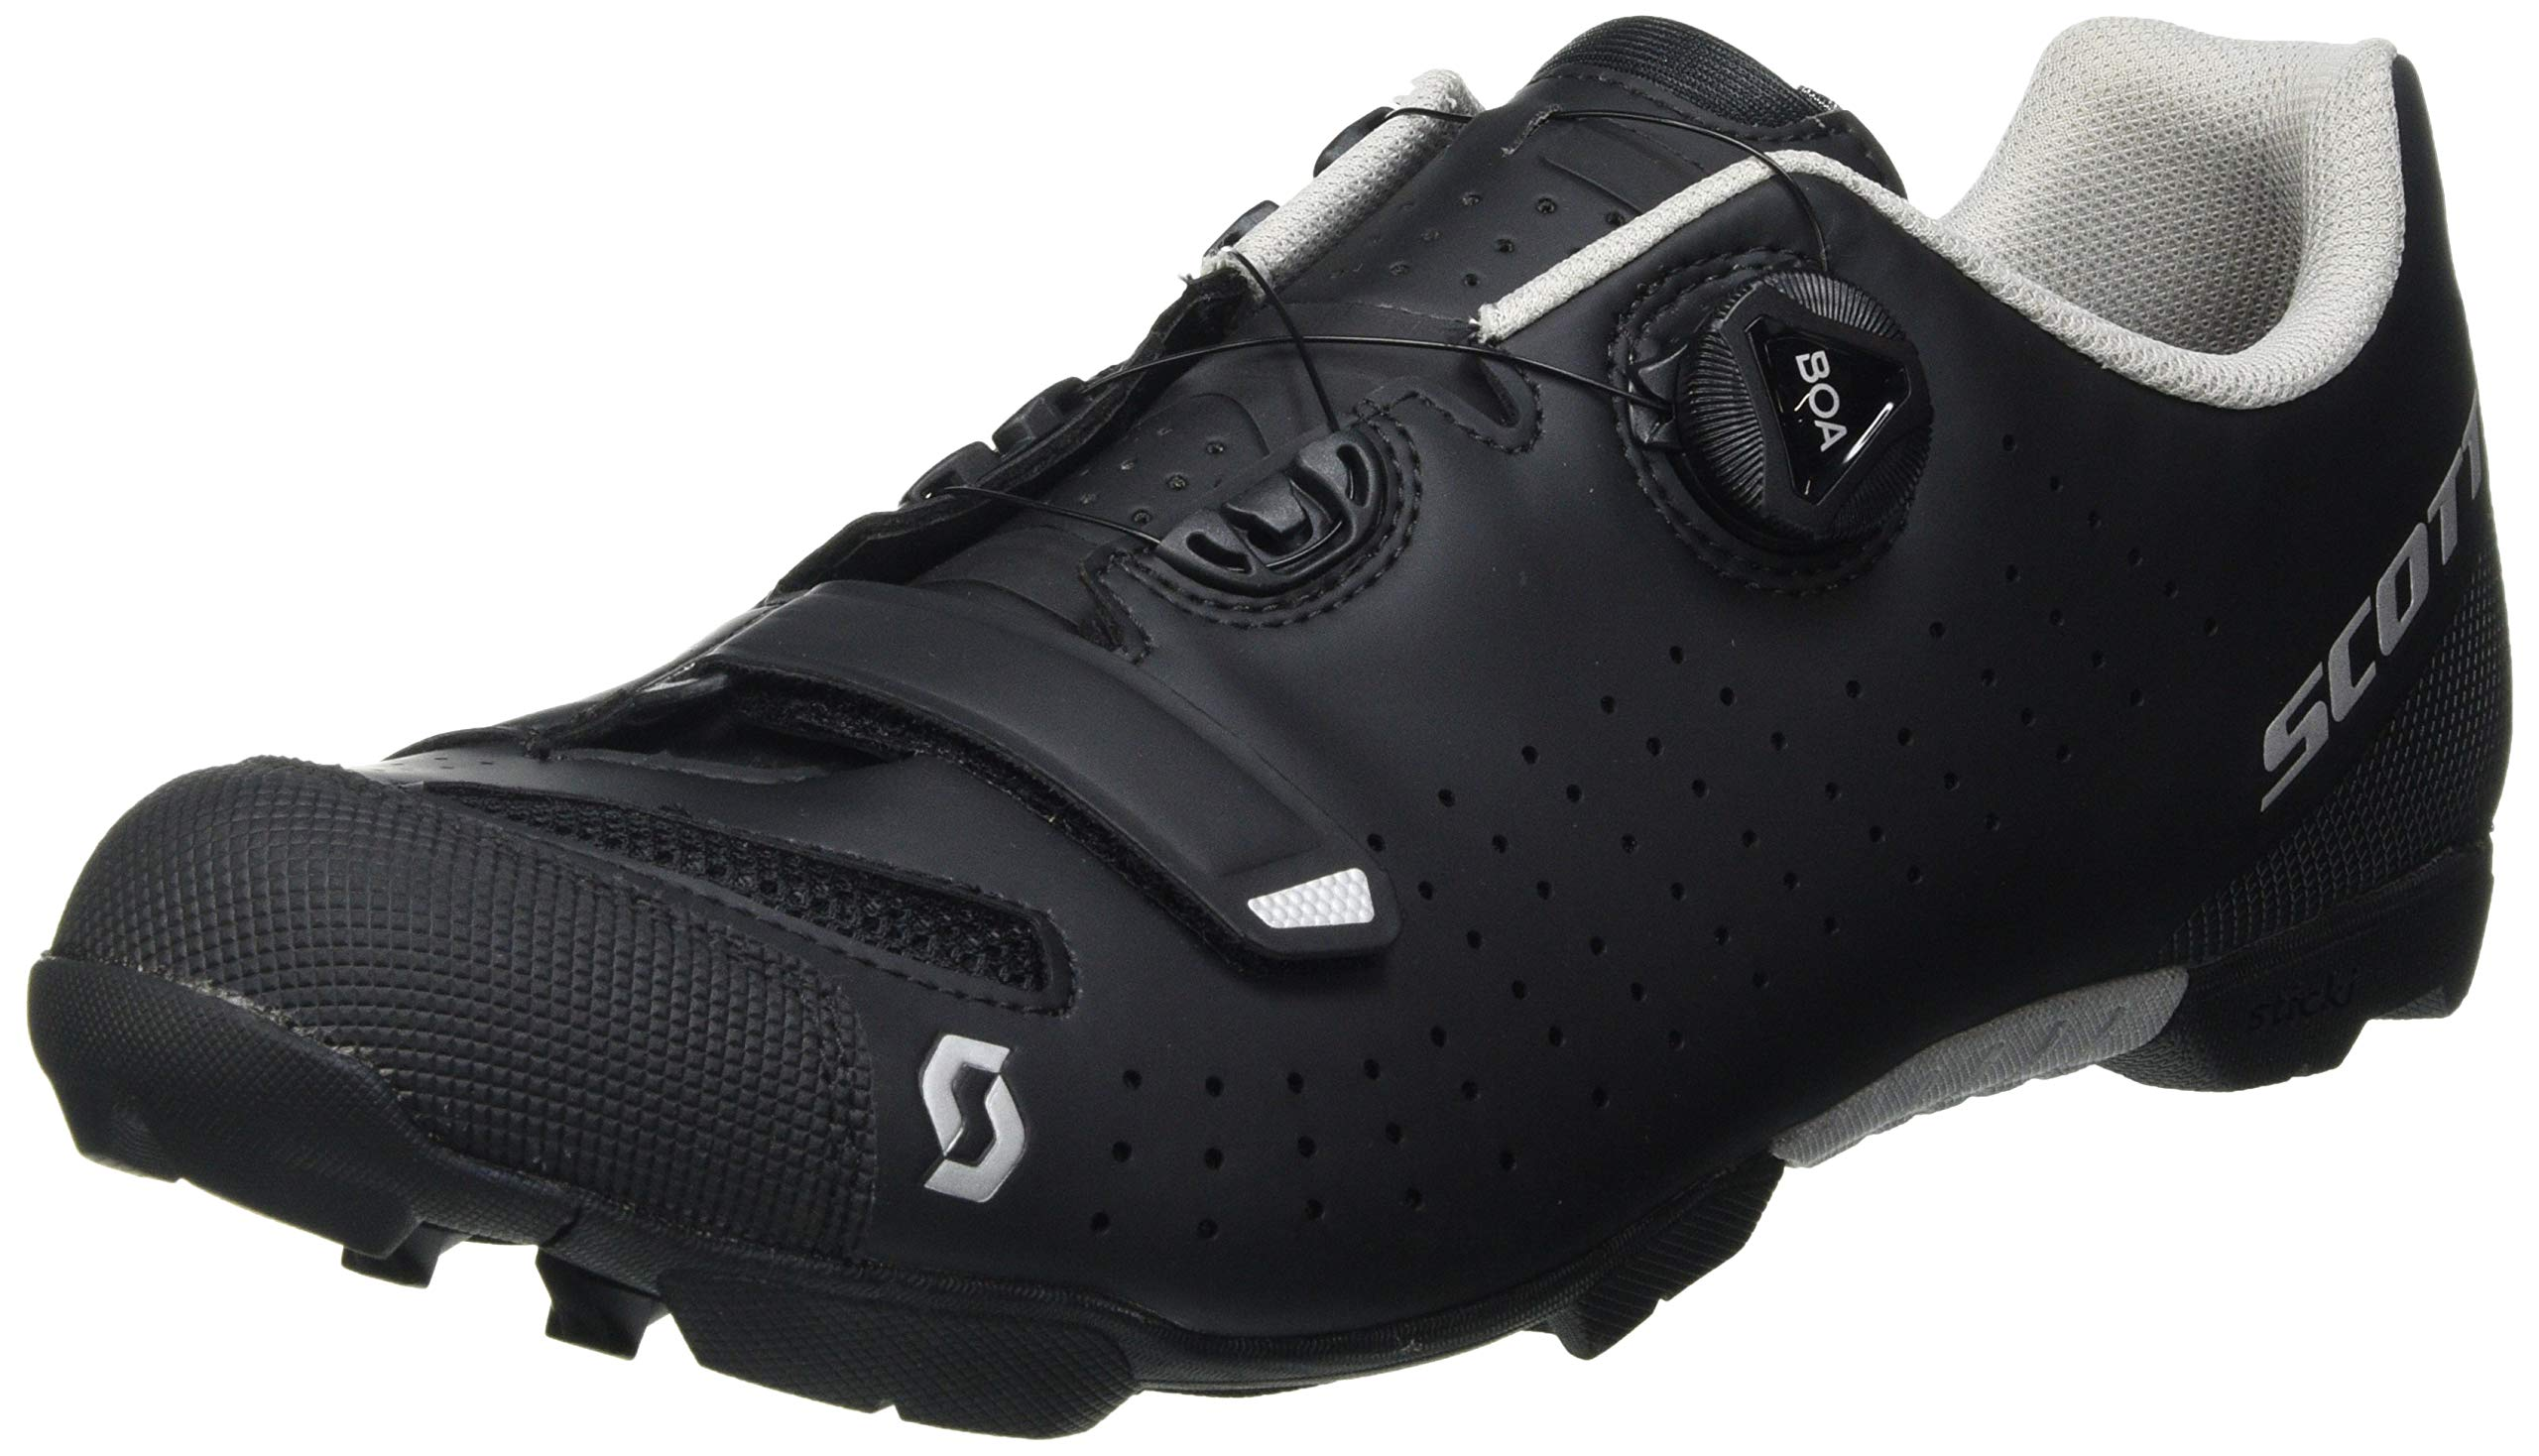 Scott Herren MTB COMP BOA Sneaker, 5547, 42 EU